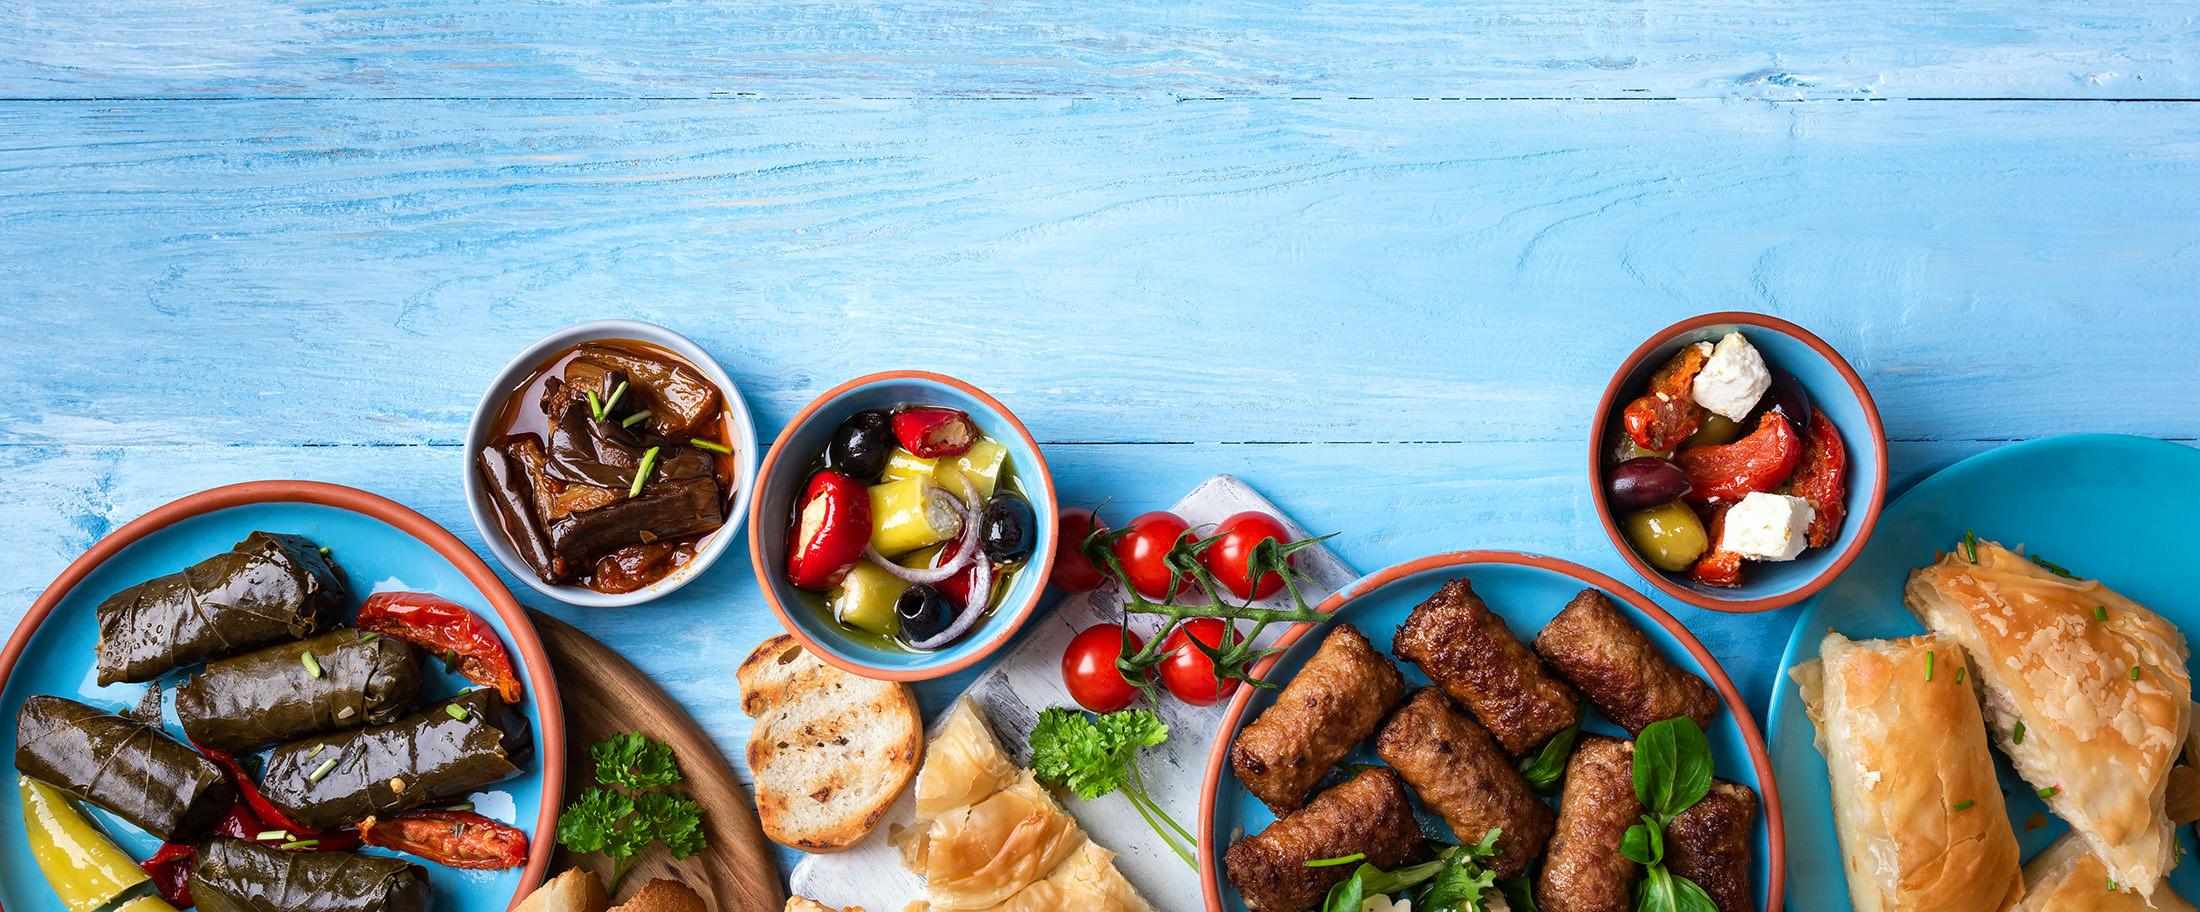 blue-olive-greek-table